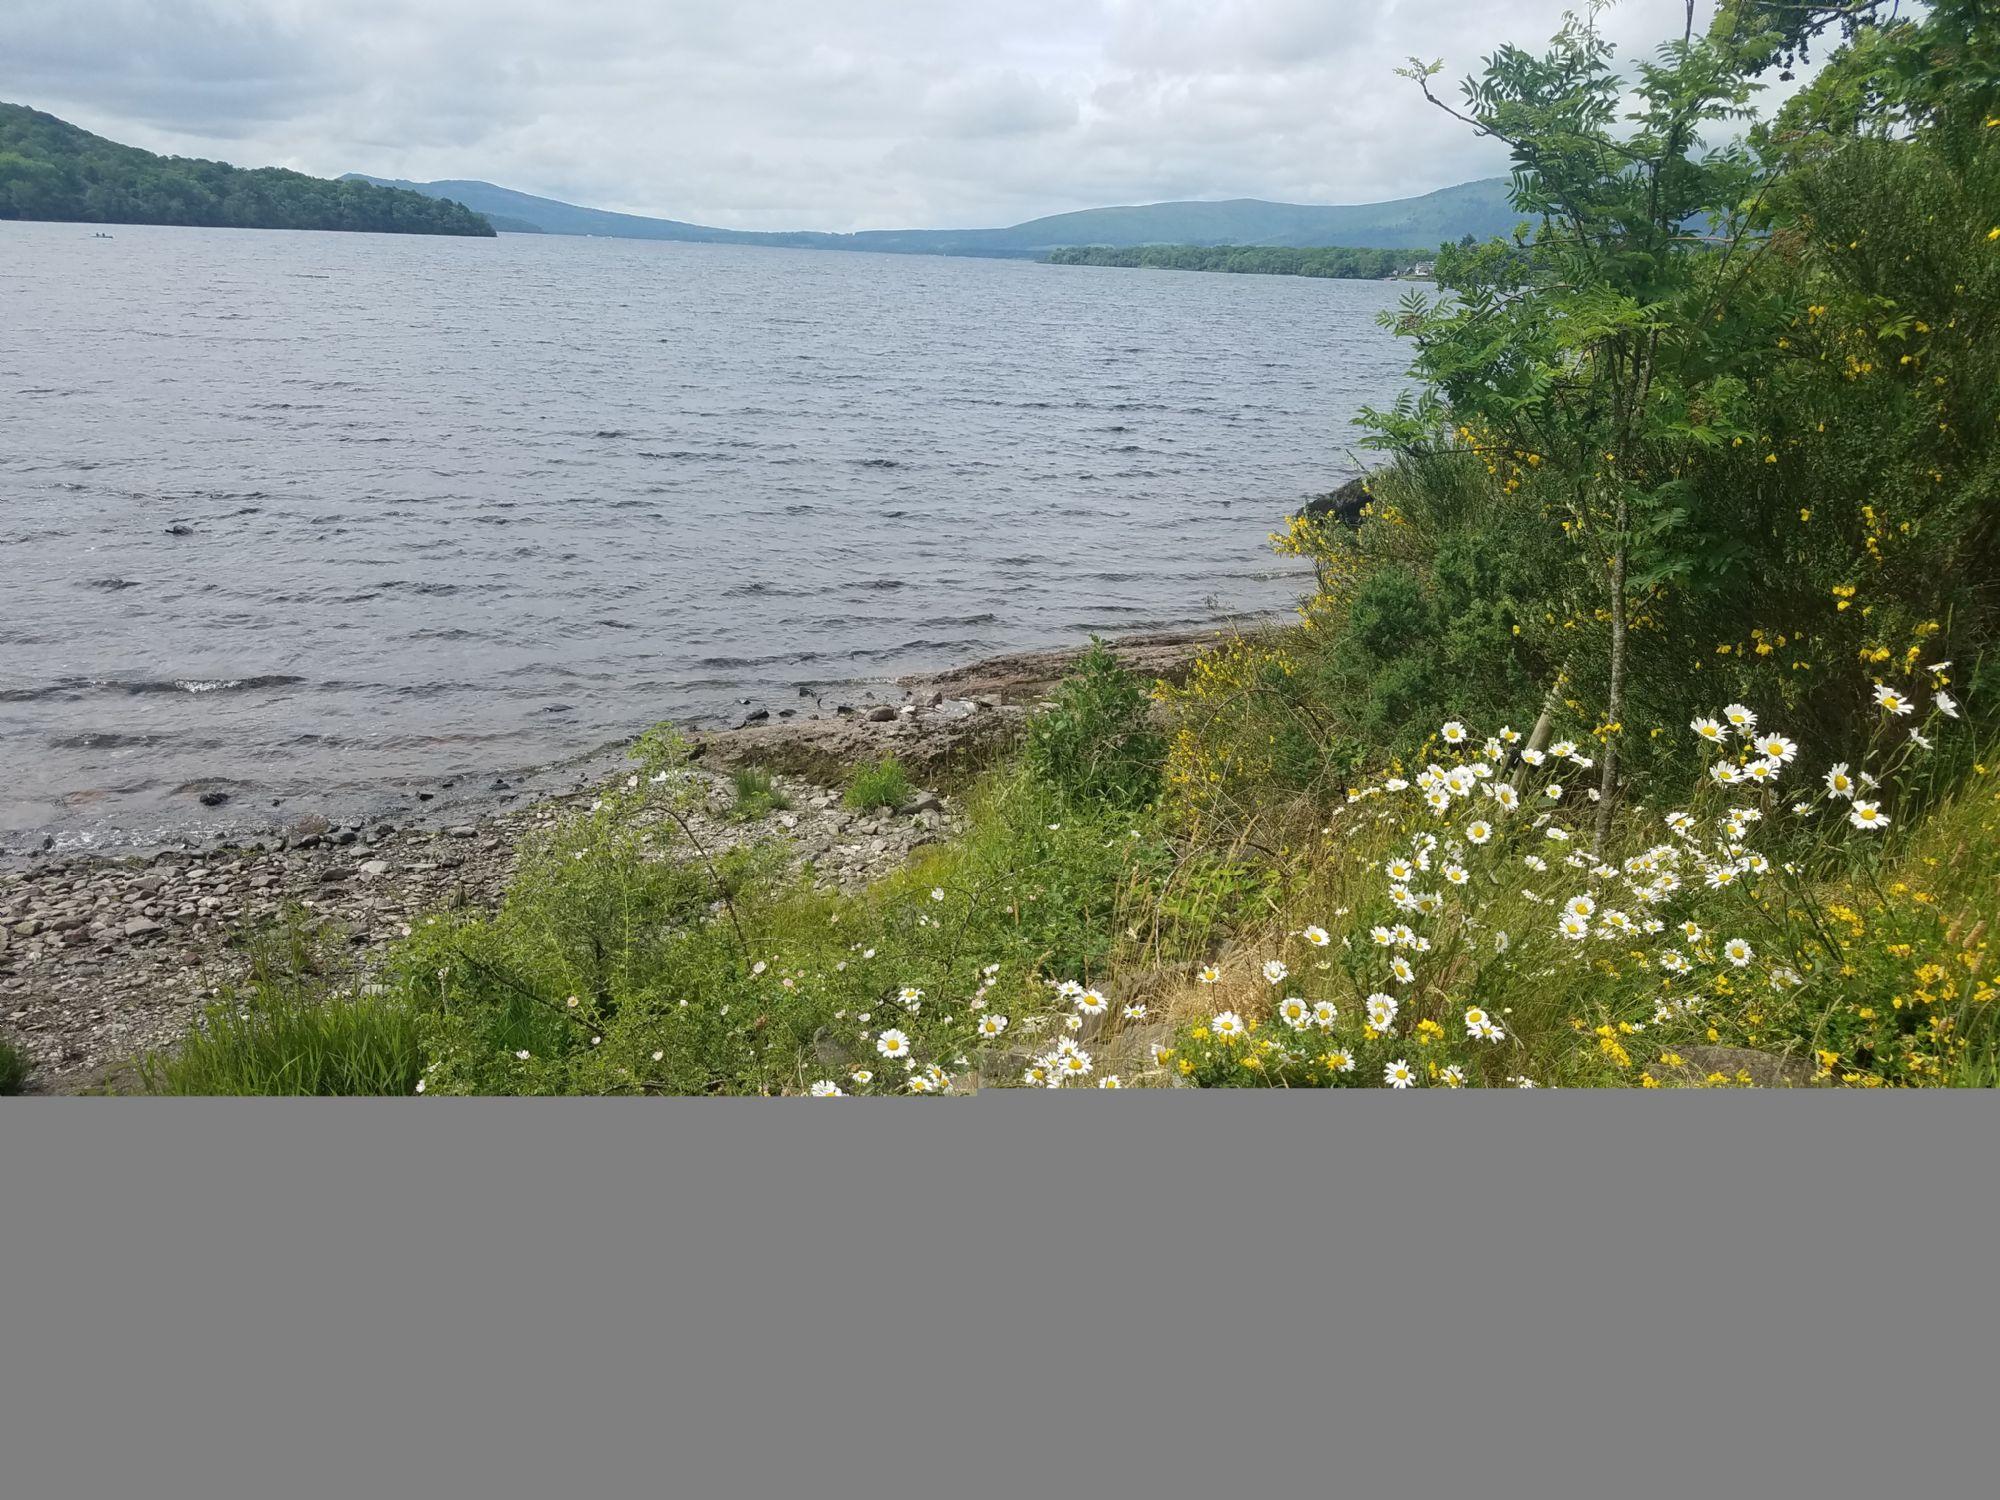 Loch Lomond Again